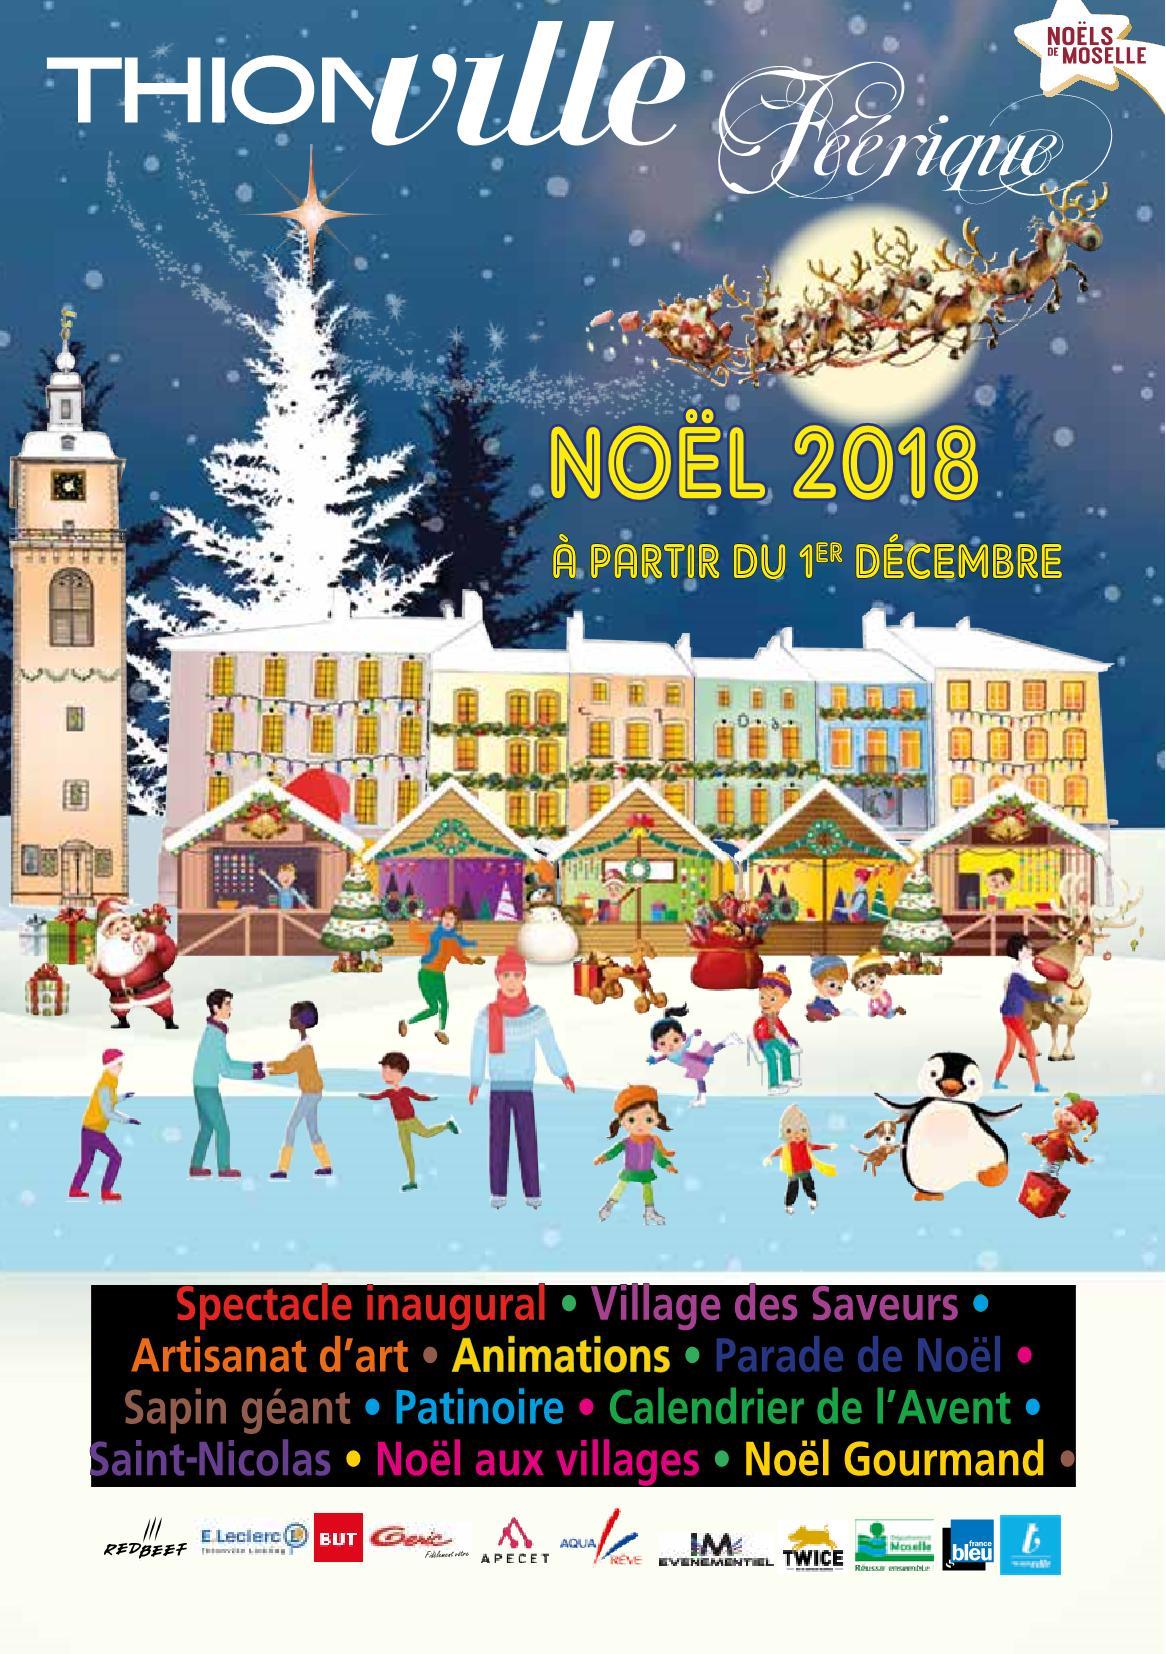 Festivités Noël à Thionville